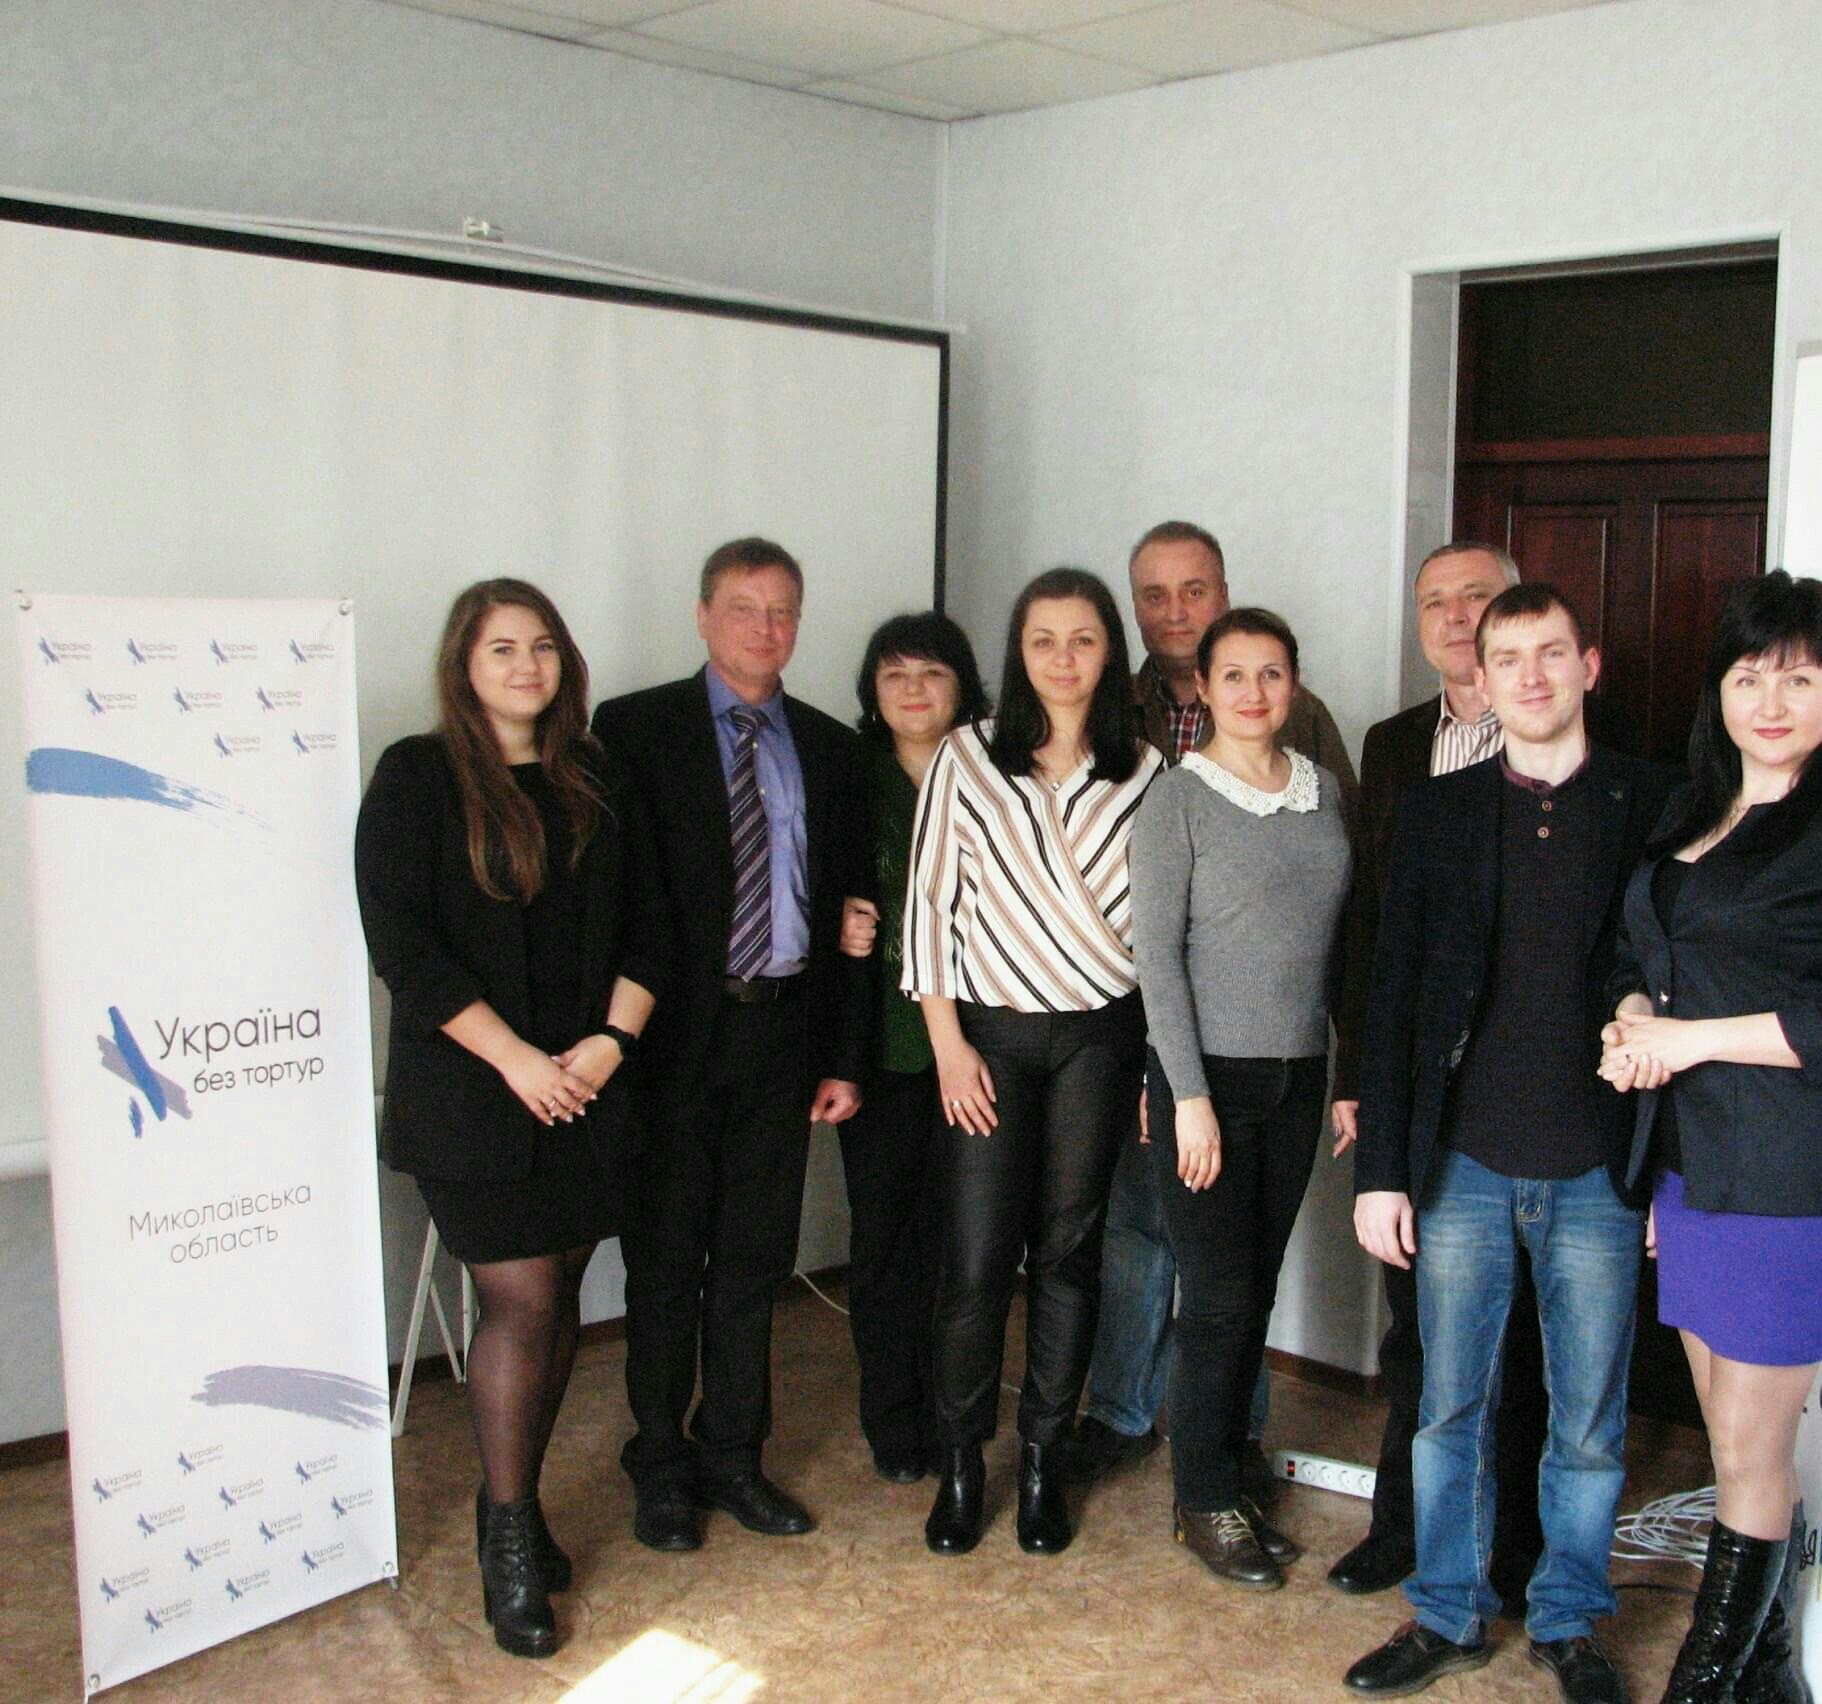 Міжнародні та національні стандарти належного поводження у місцях несвободи: круглий стіл у Миколаєві